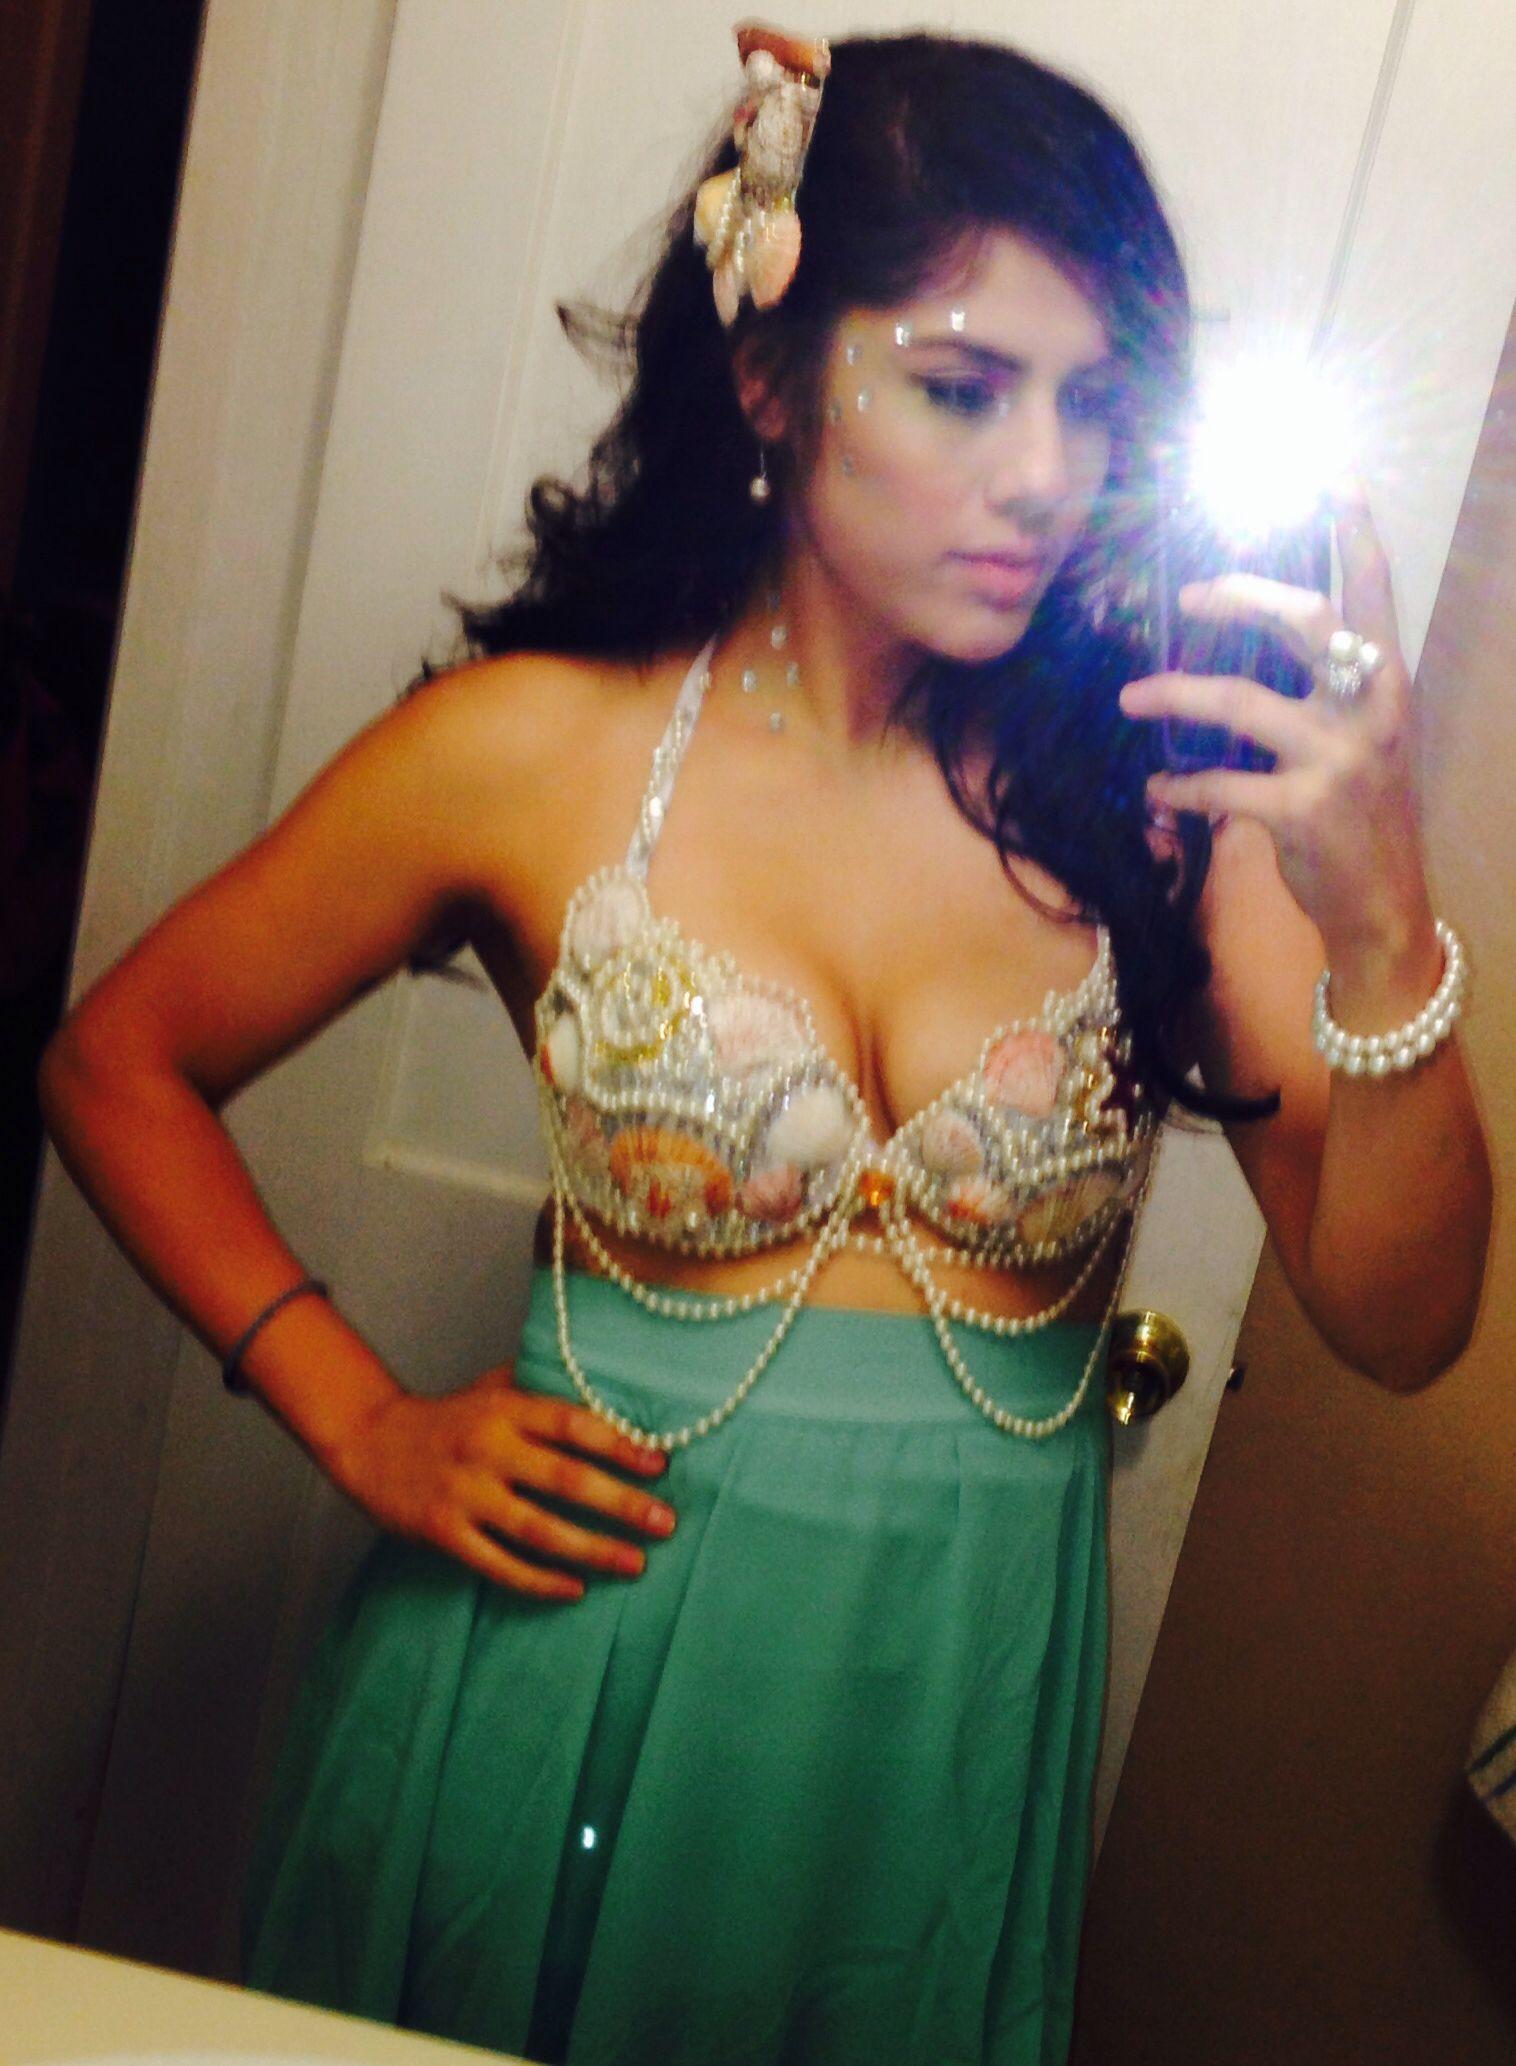 Ariel diy costume full diy mermaid costume post - Mermaid Costume Diy